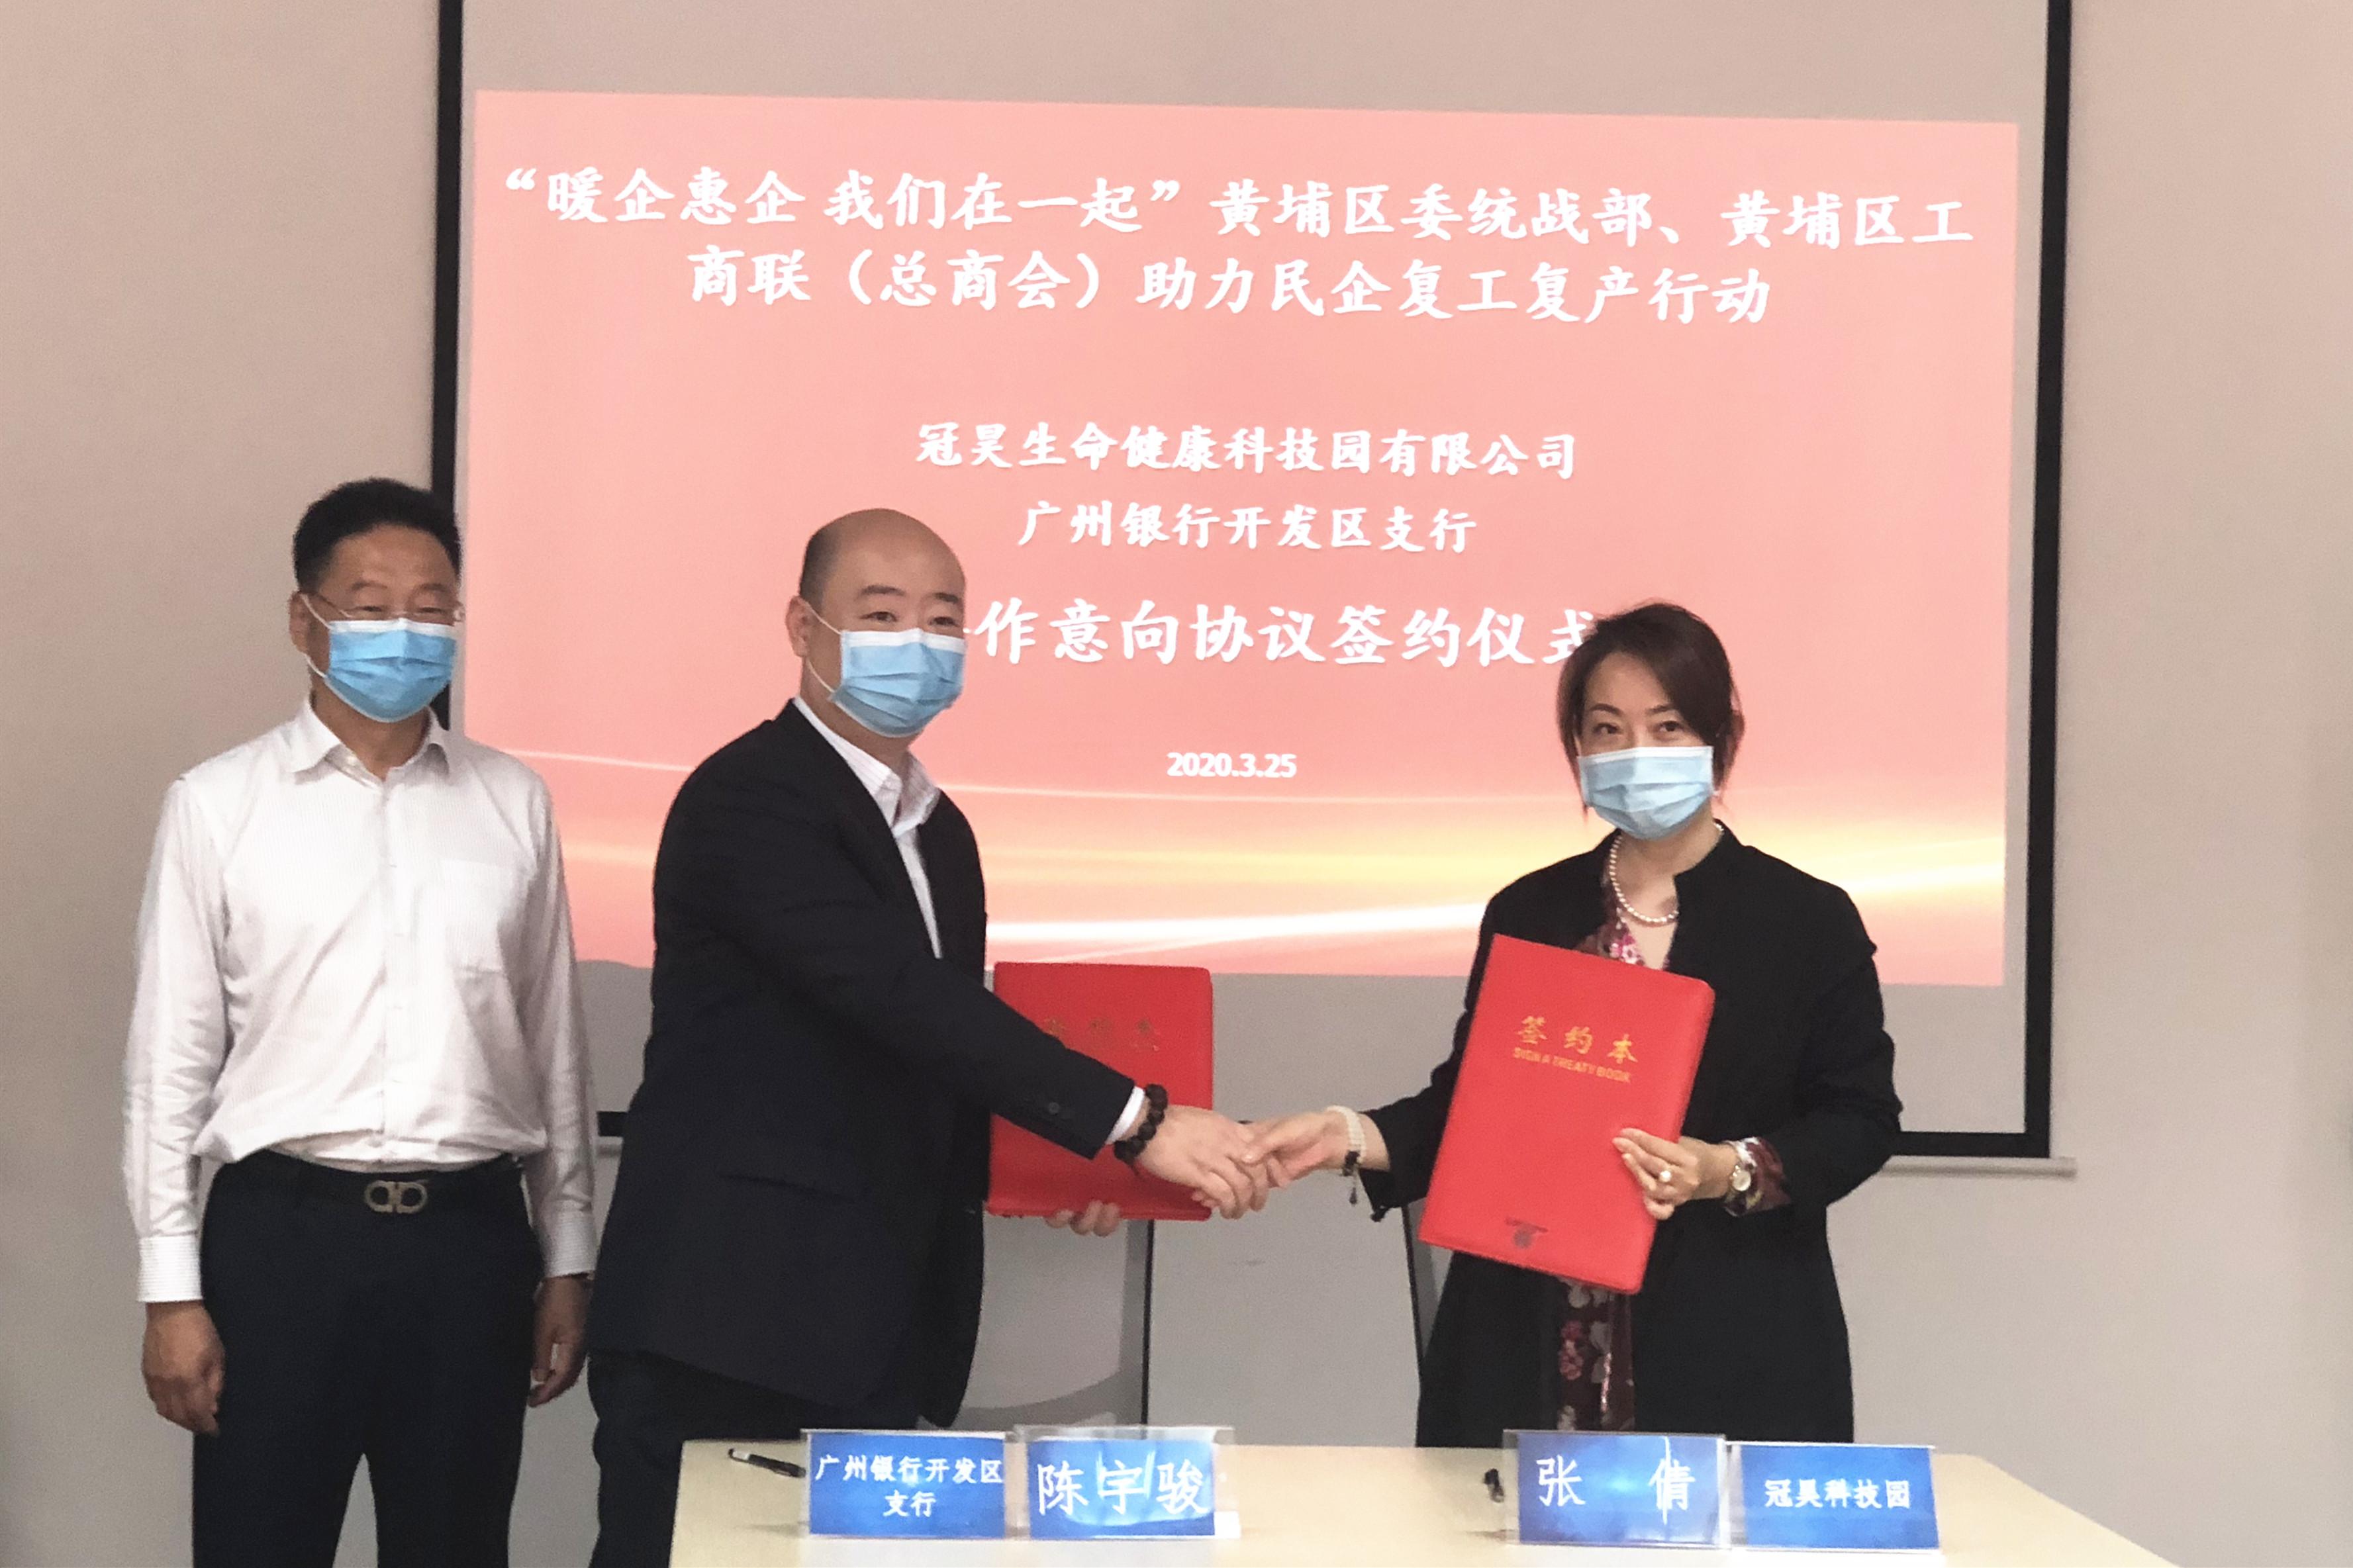 园区快讯丨签了!冠昊科技园与广州银行开发区支行签订复工复产暖企合作意向协议!